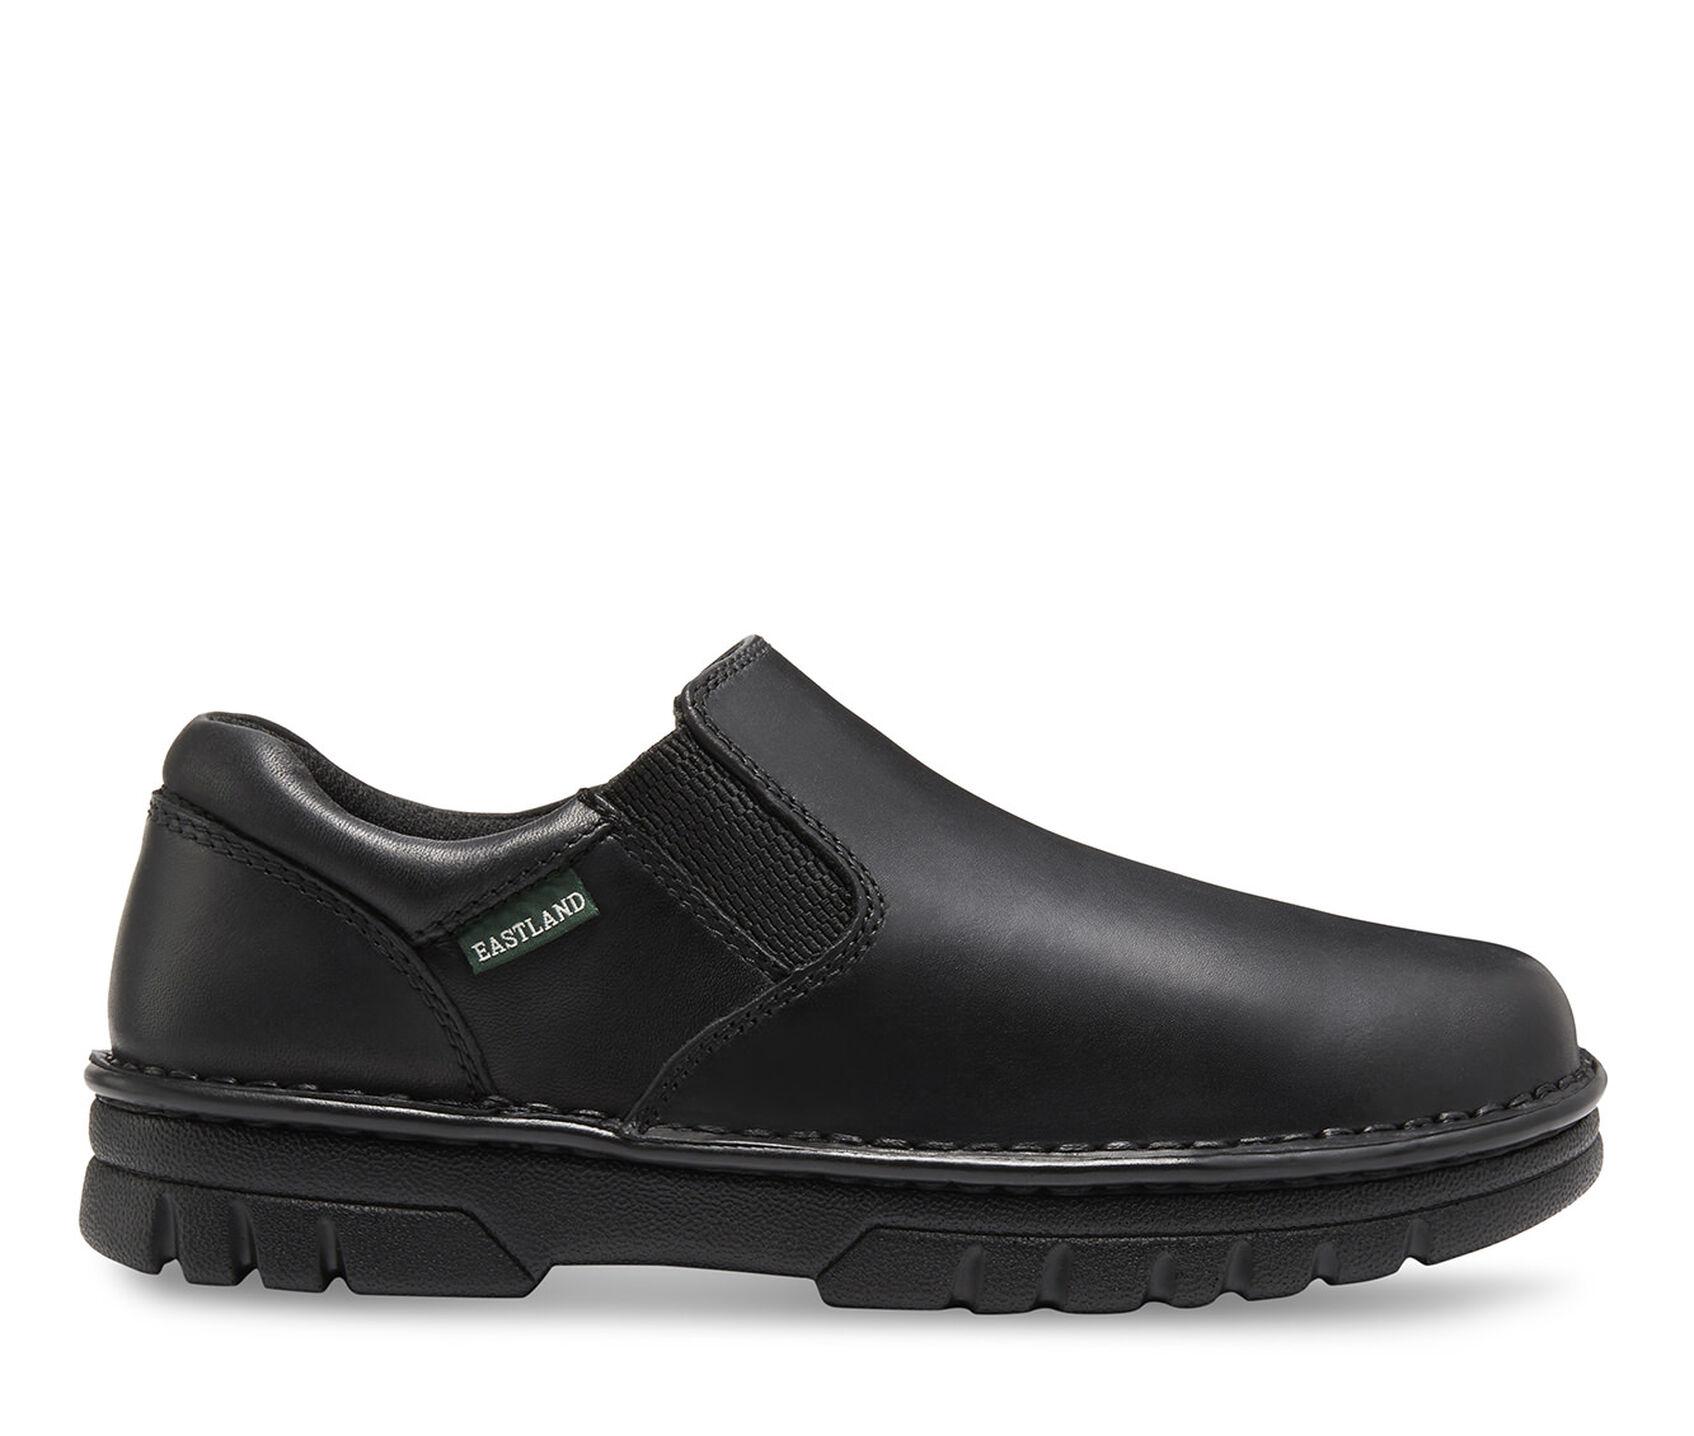 Eastland Newport Mens Shoes